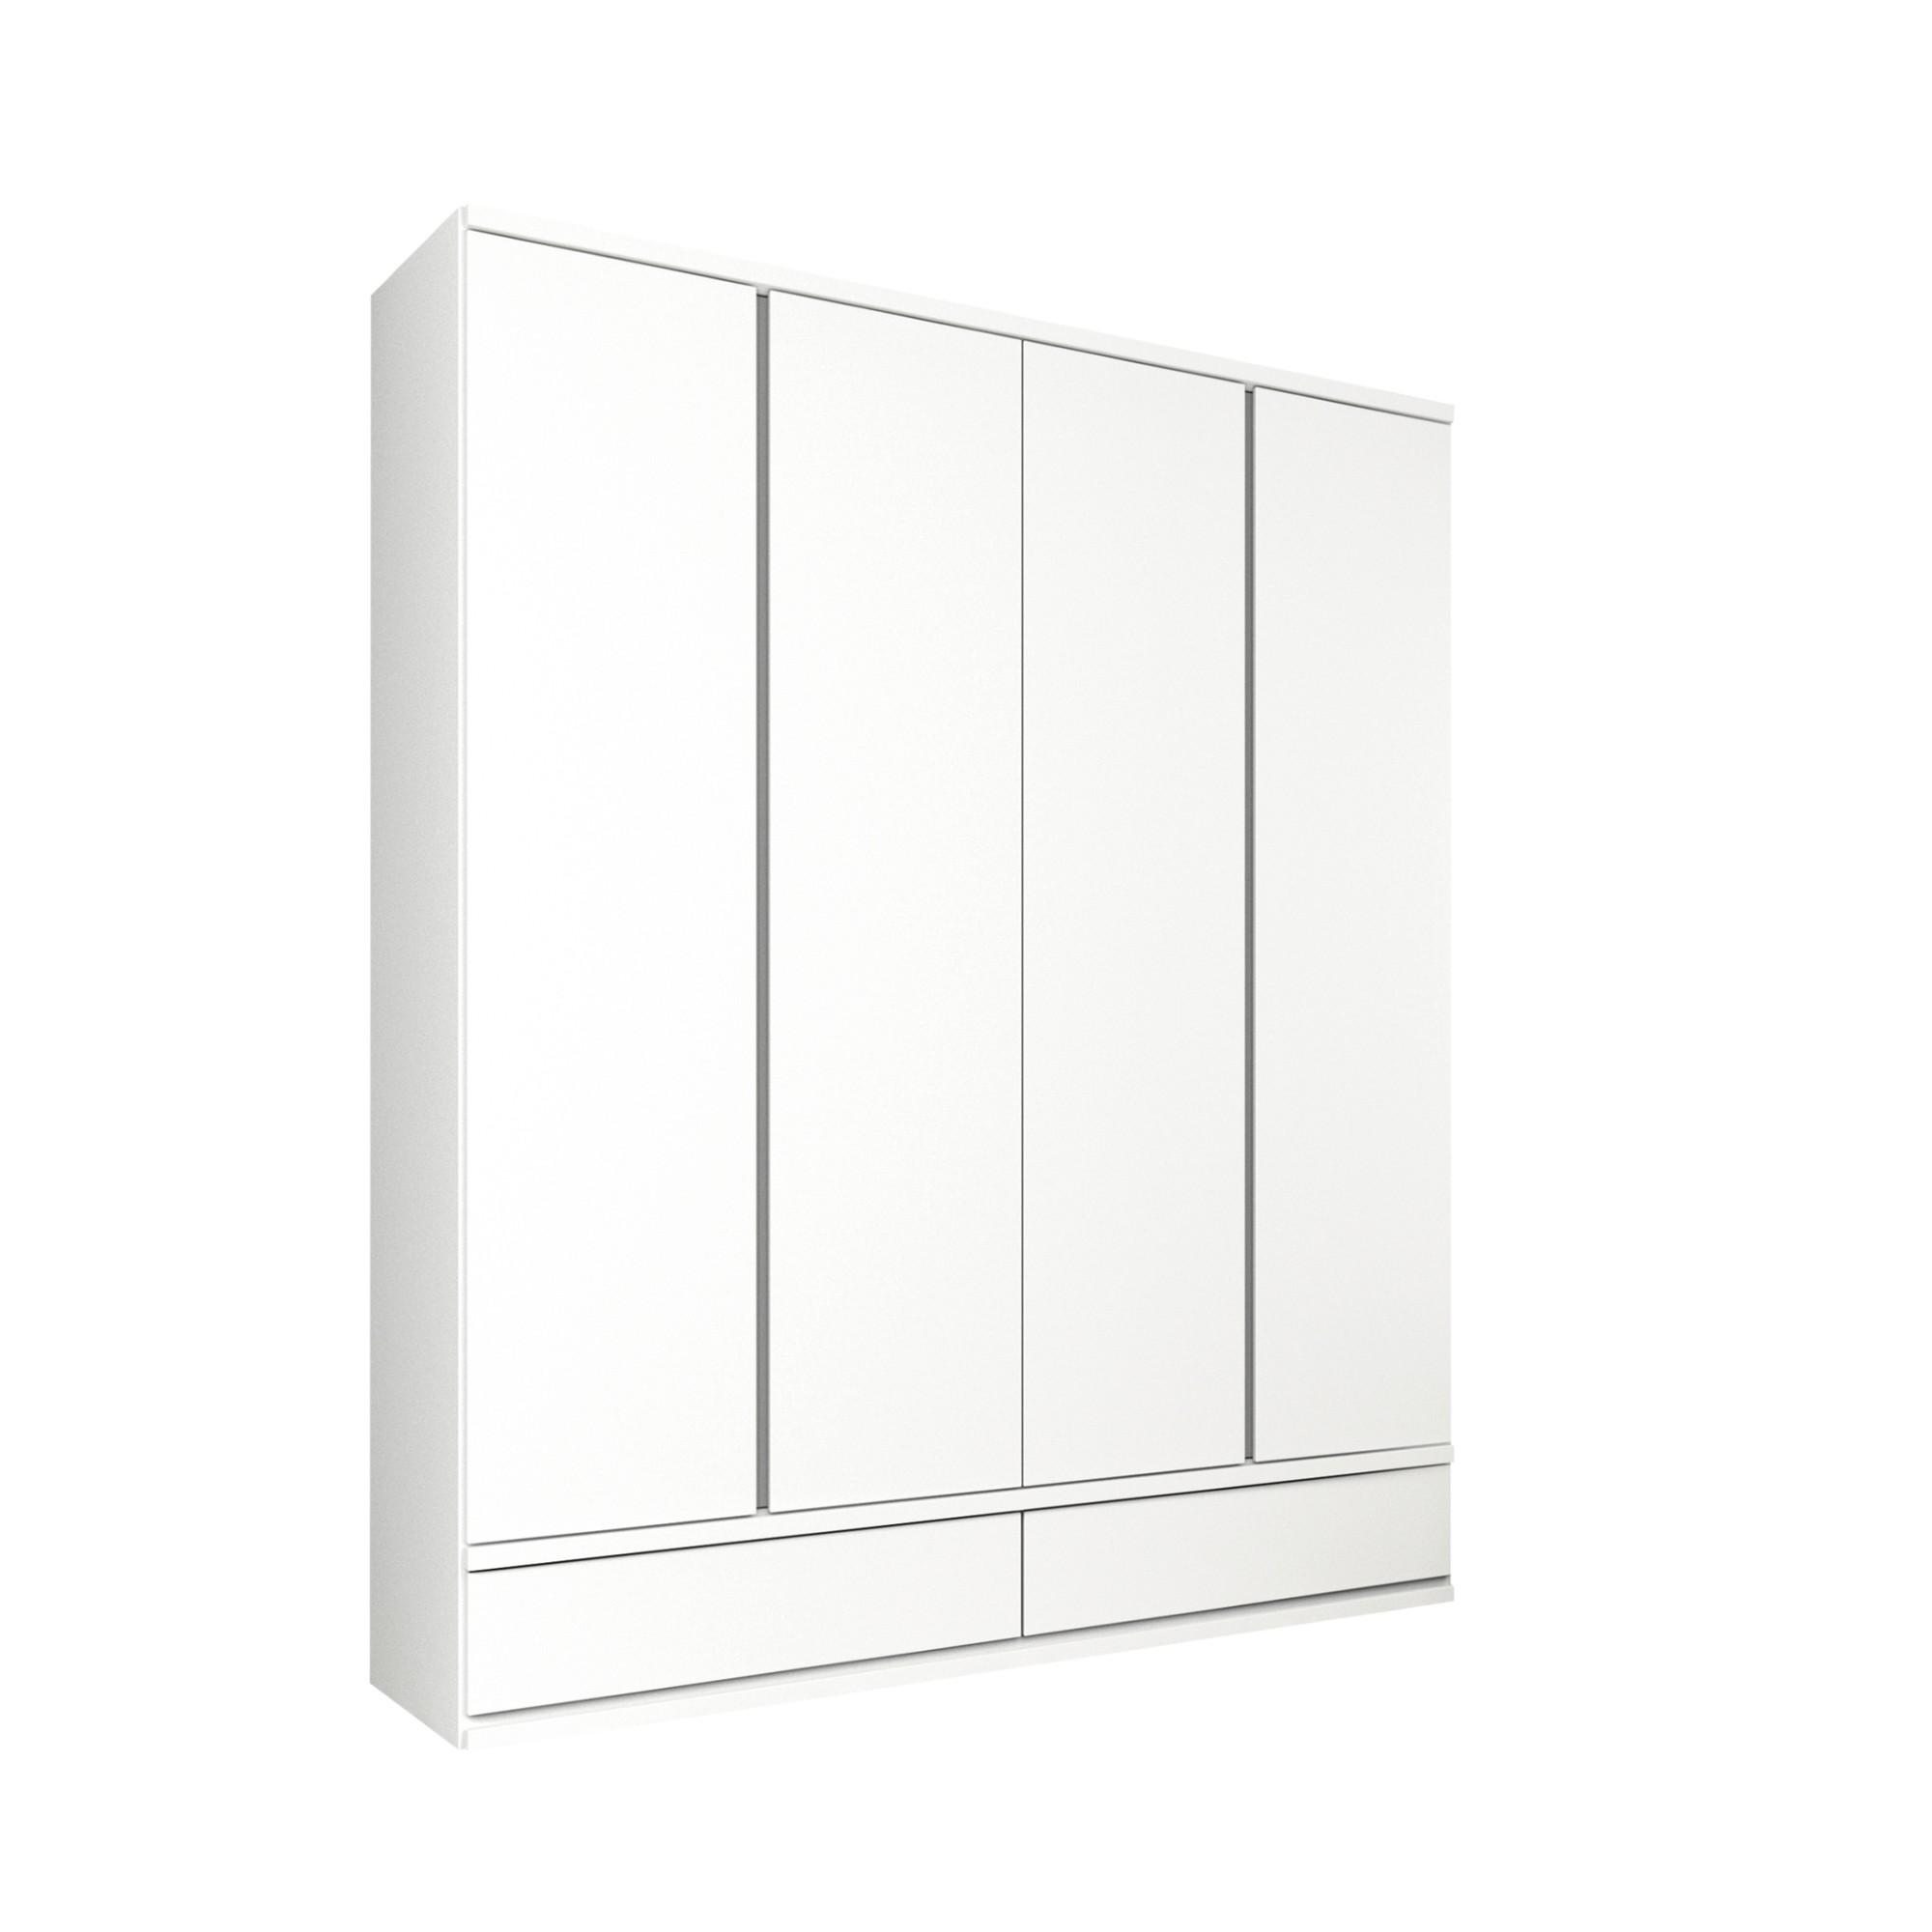 Guarda-Roupa Casal 4 Portas Stillus Branco Neve - Tcil